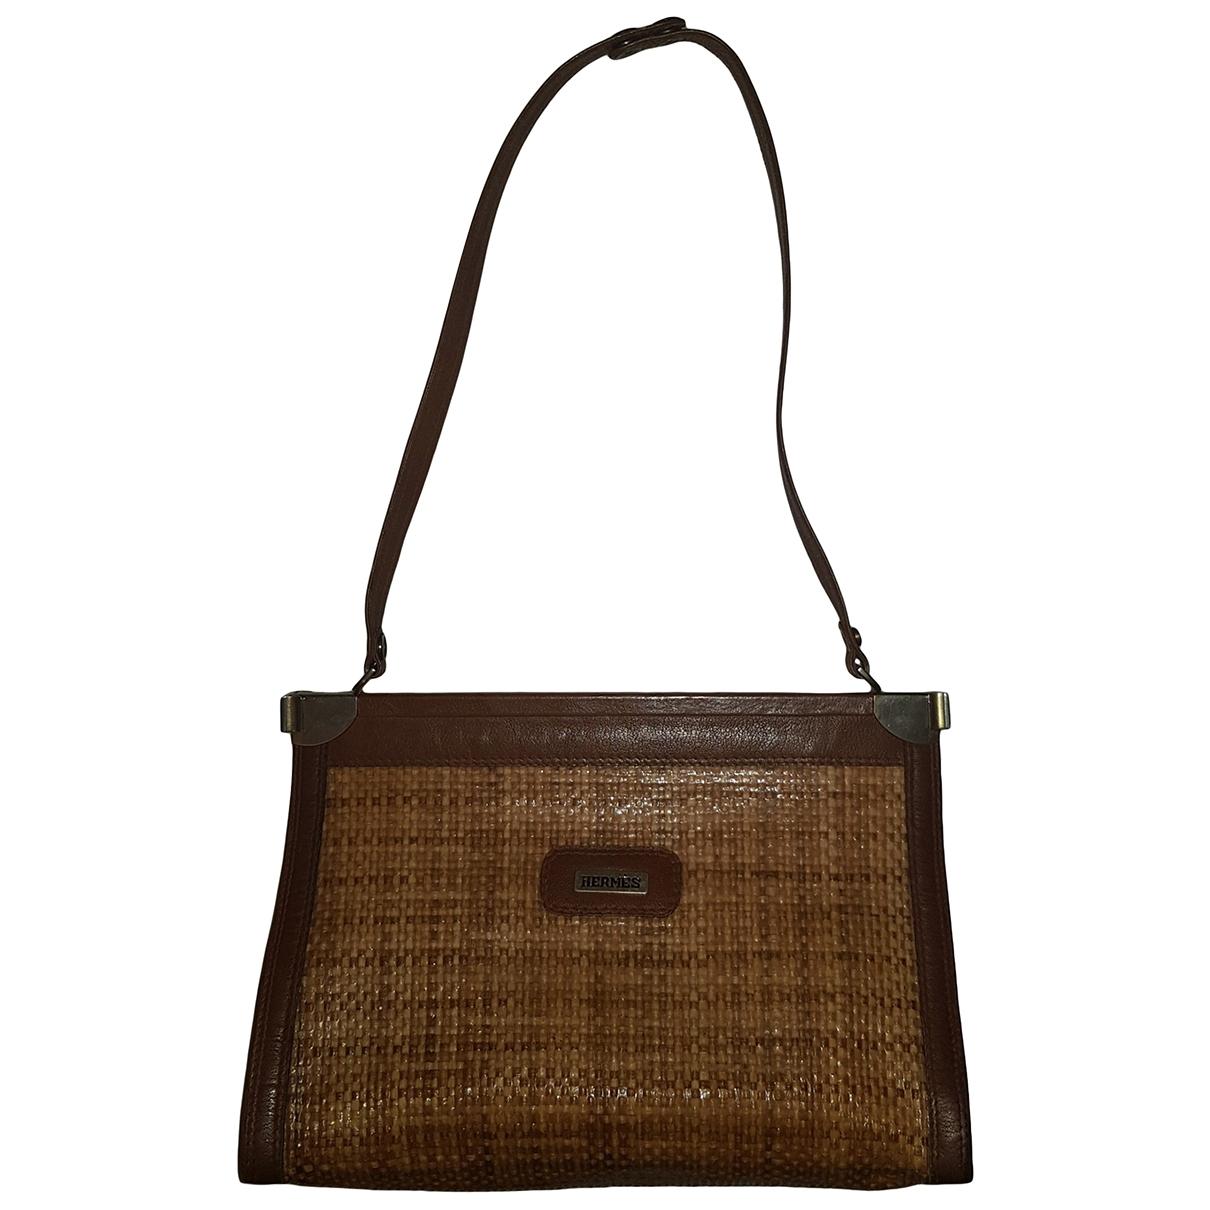 Hermes \N Handtasche in  Kamel Stroh